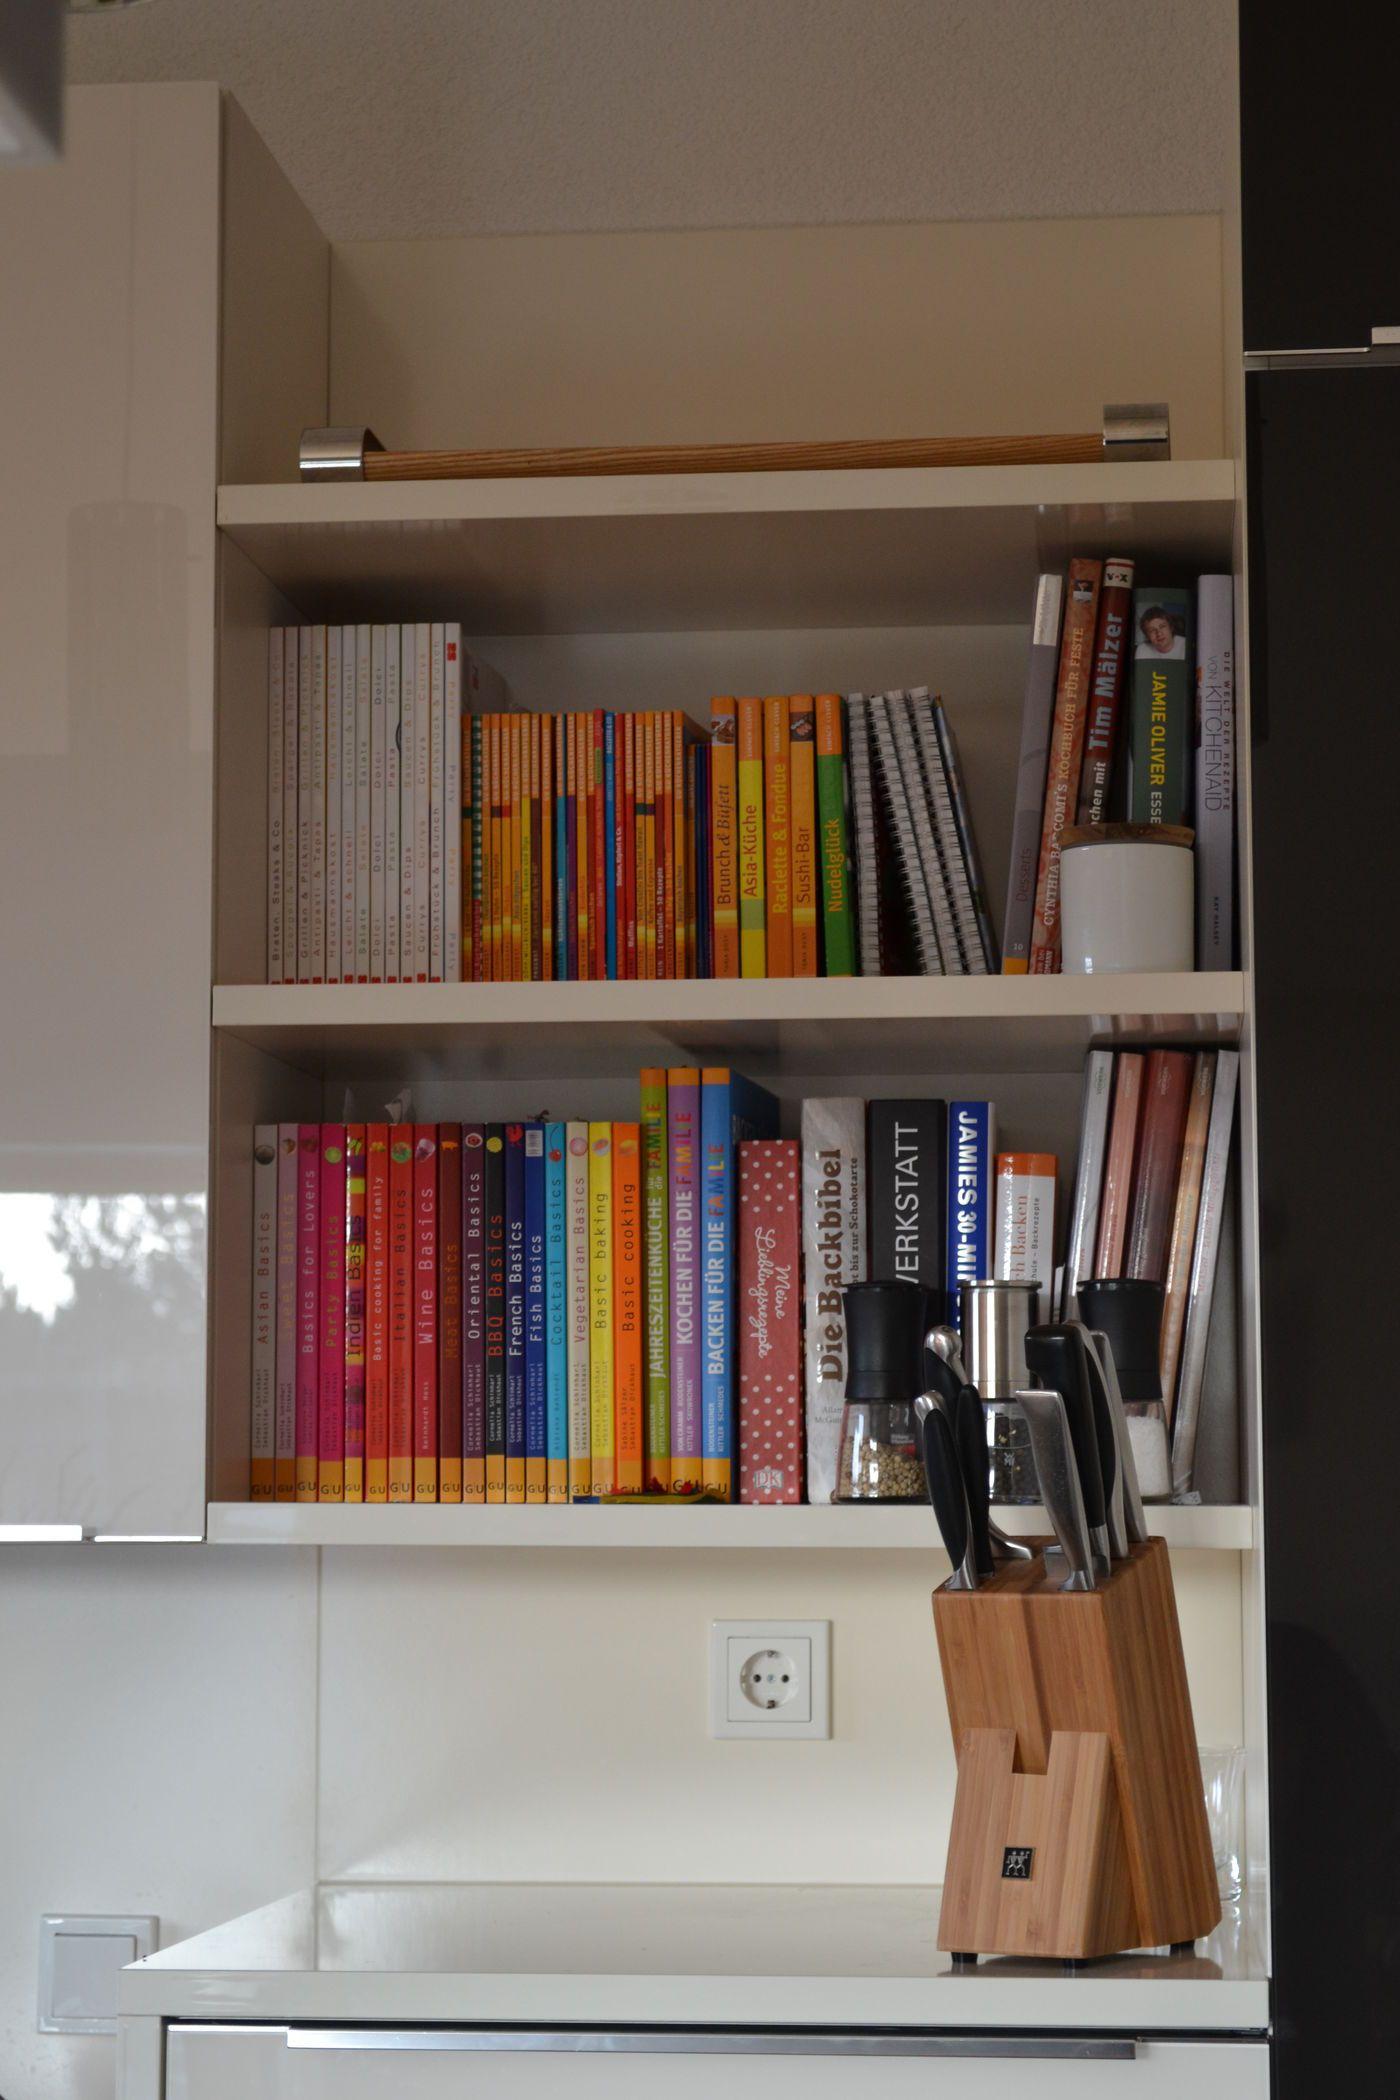 Niedlich Küchenregal Deko Ideen Galerie - Ideen Für Die Küche ...